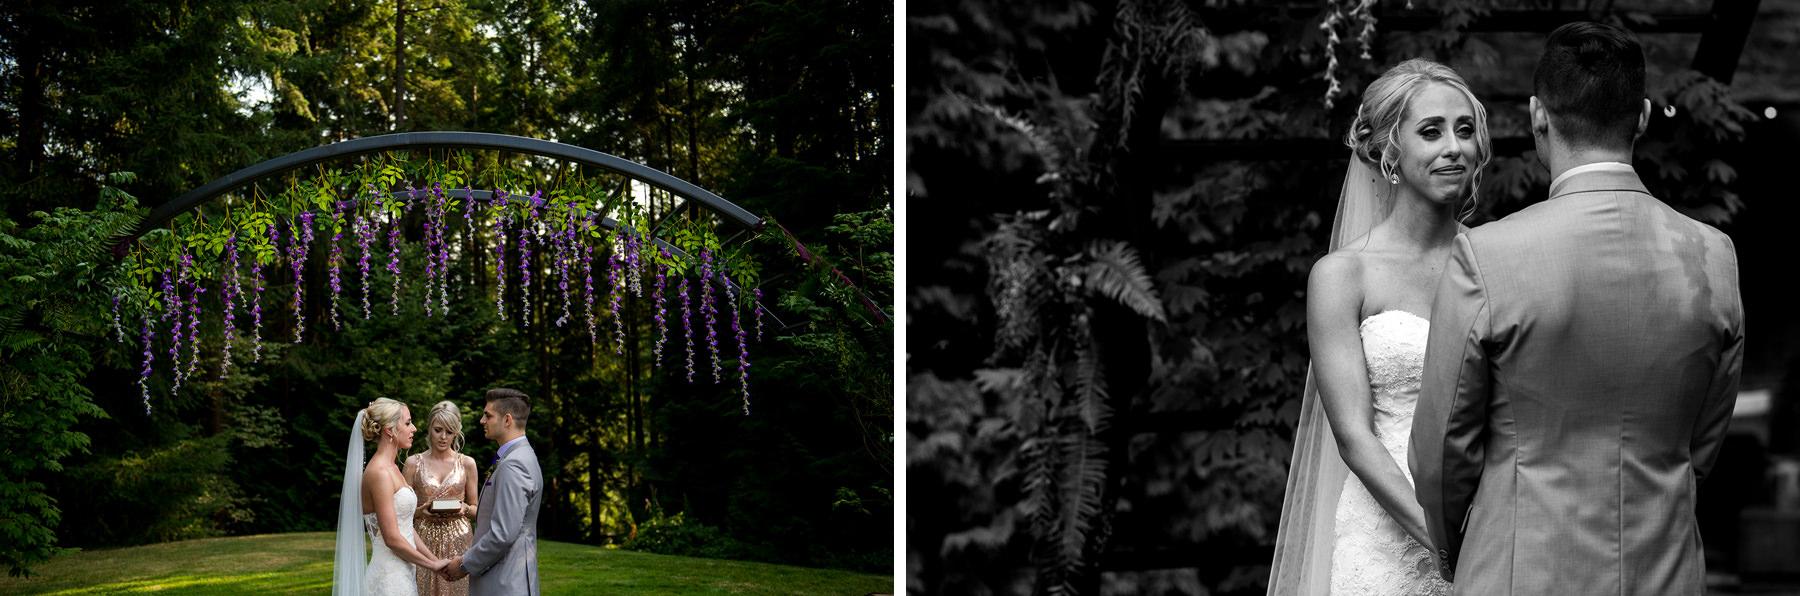 dragonfly retreat flower arch